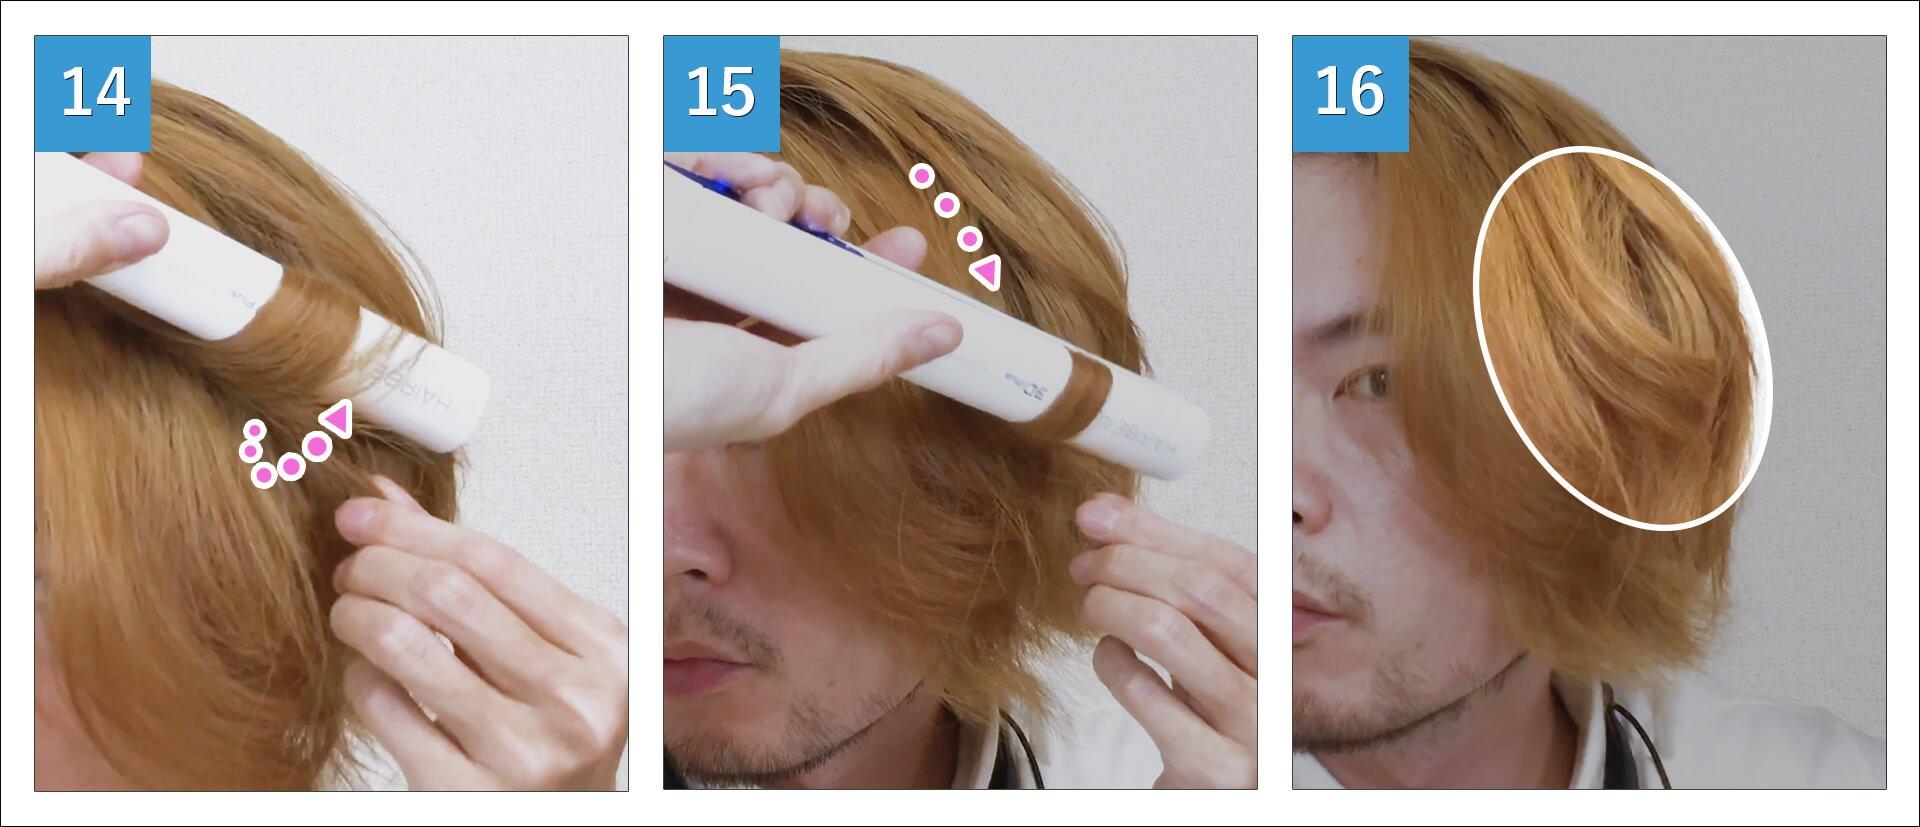 ストレートアイロン 巻き方 自分の髪 前髪なし 長めの前髪をうしろに流す